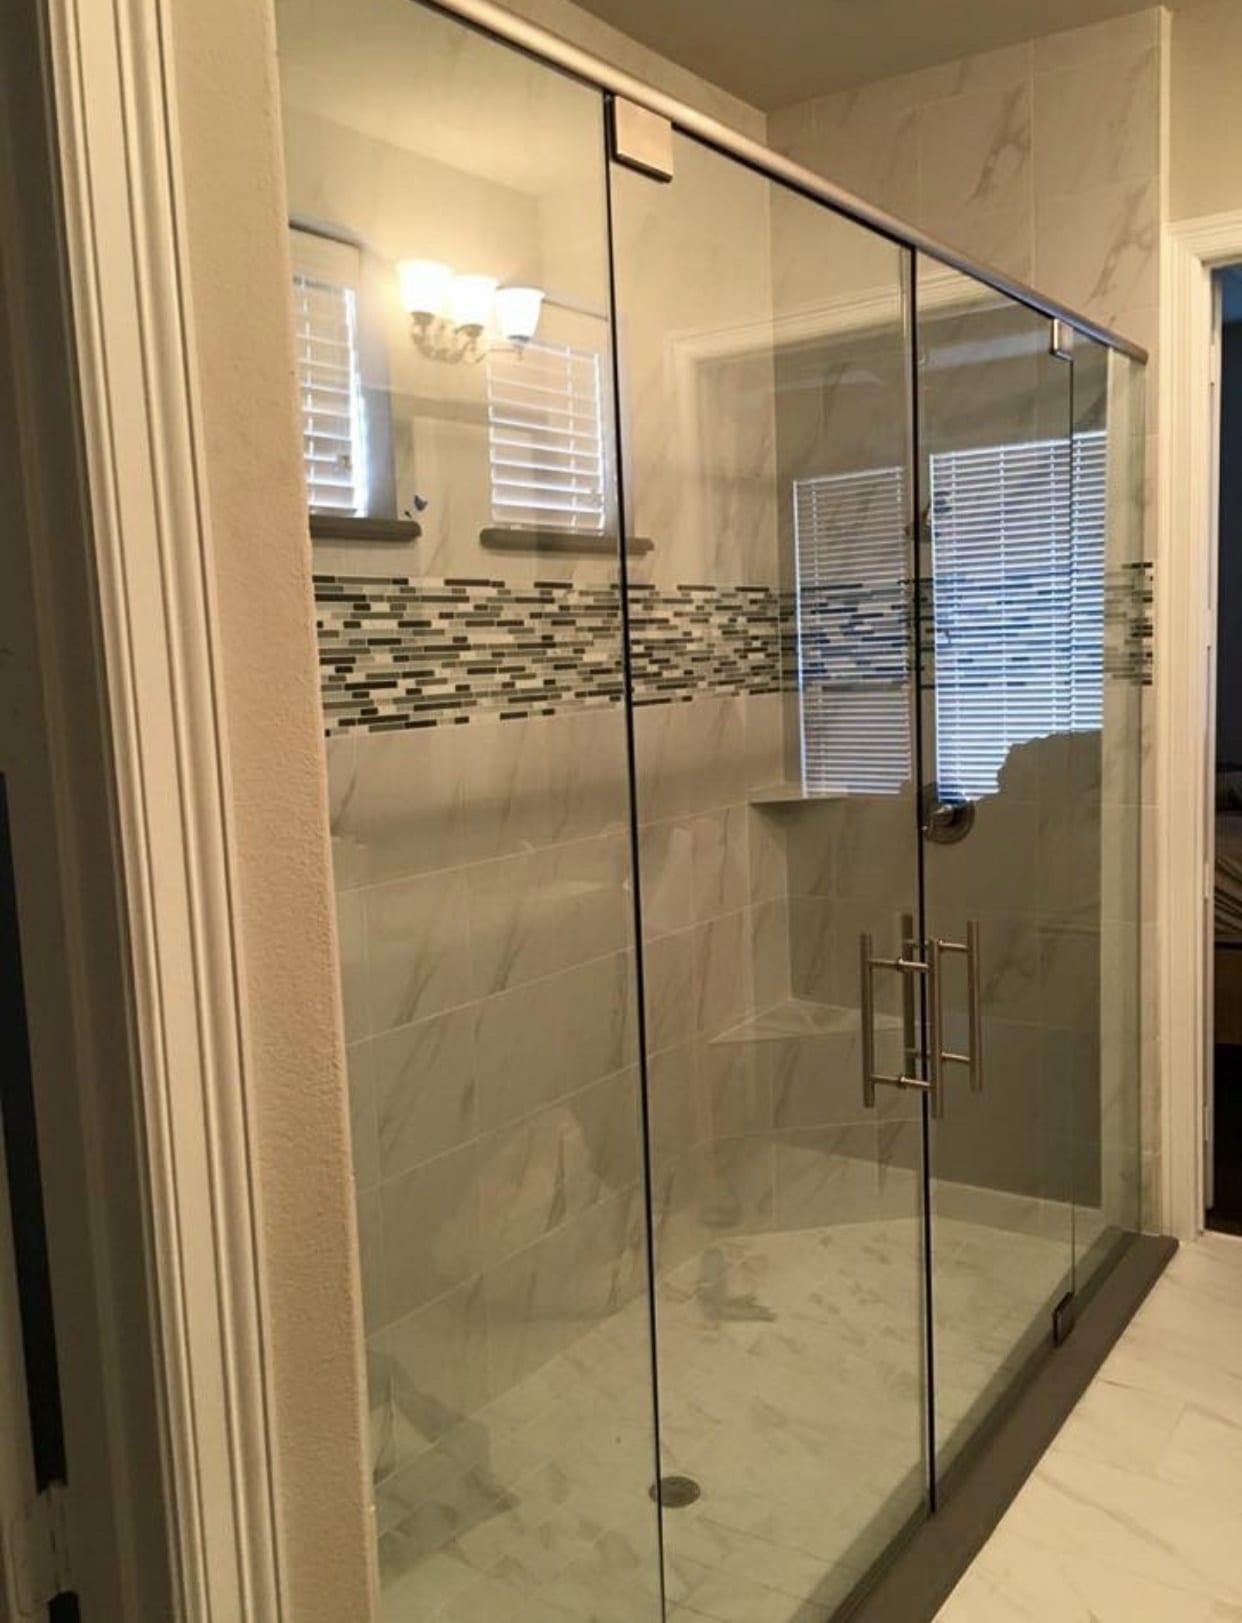 frameless shower doors img 2157 - Shower Doors of Nashville